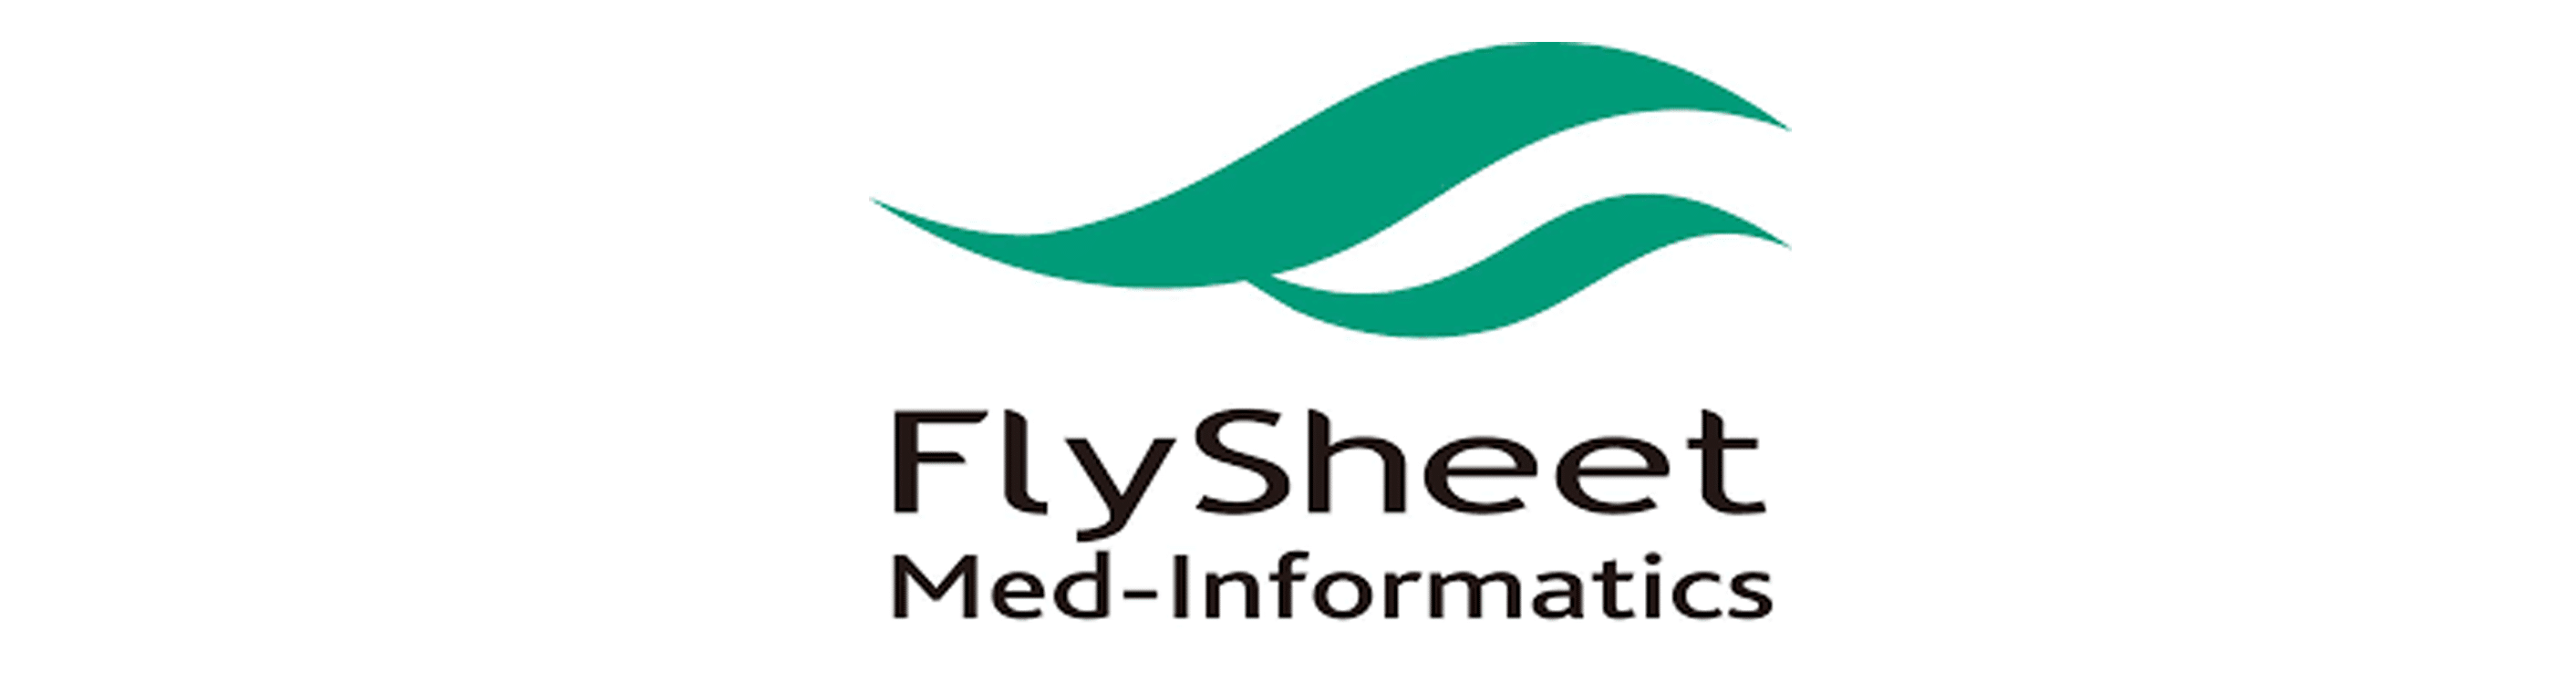 Flysheet logo